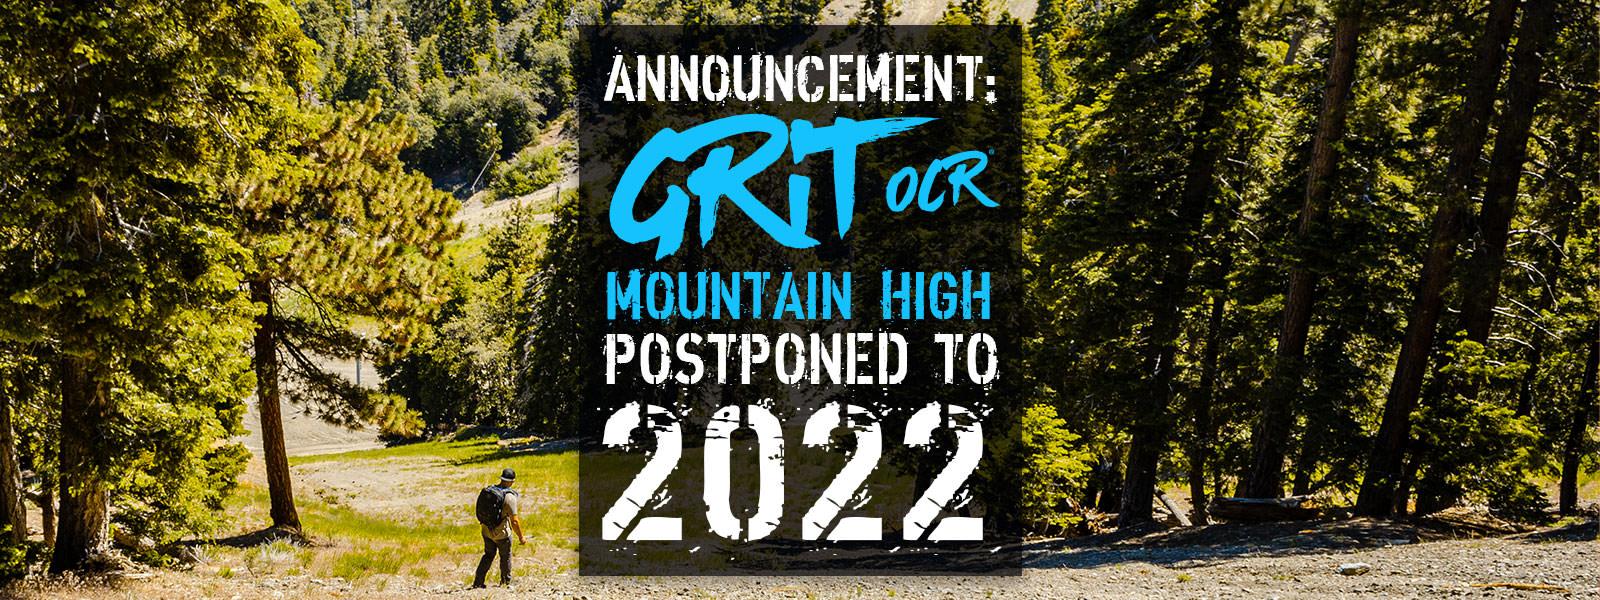 Grit OCR: Mt. High Postponed To 2022